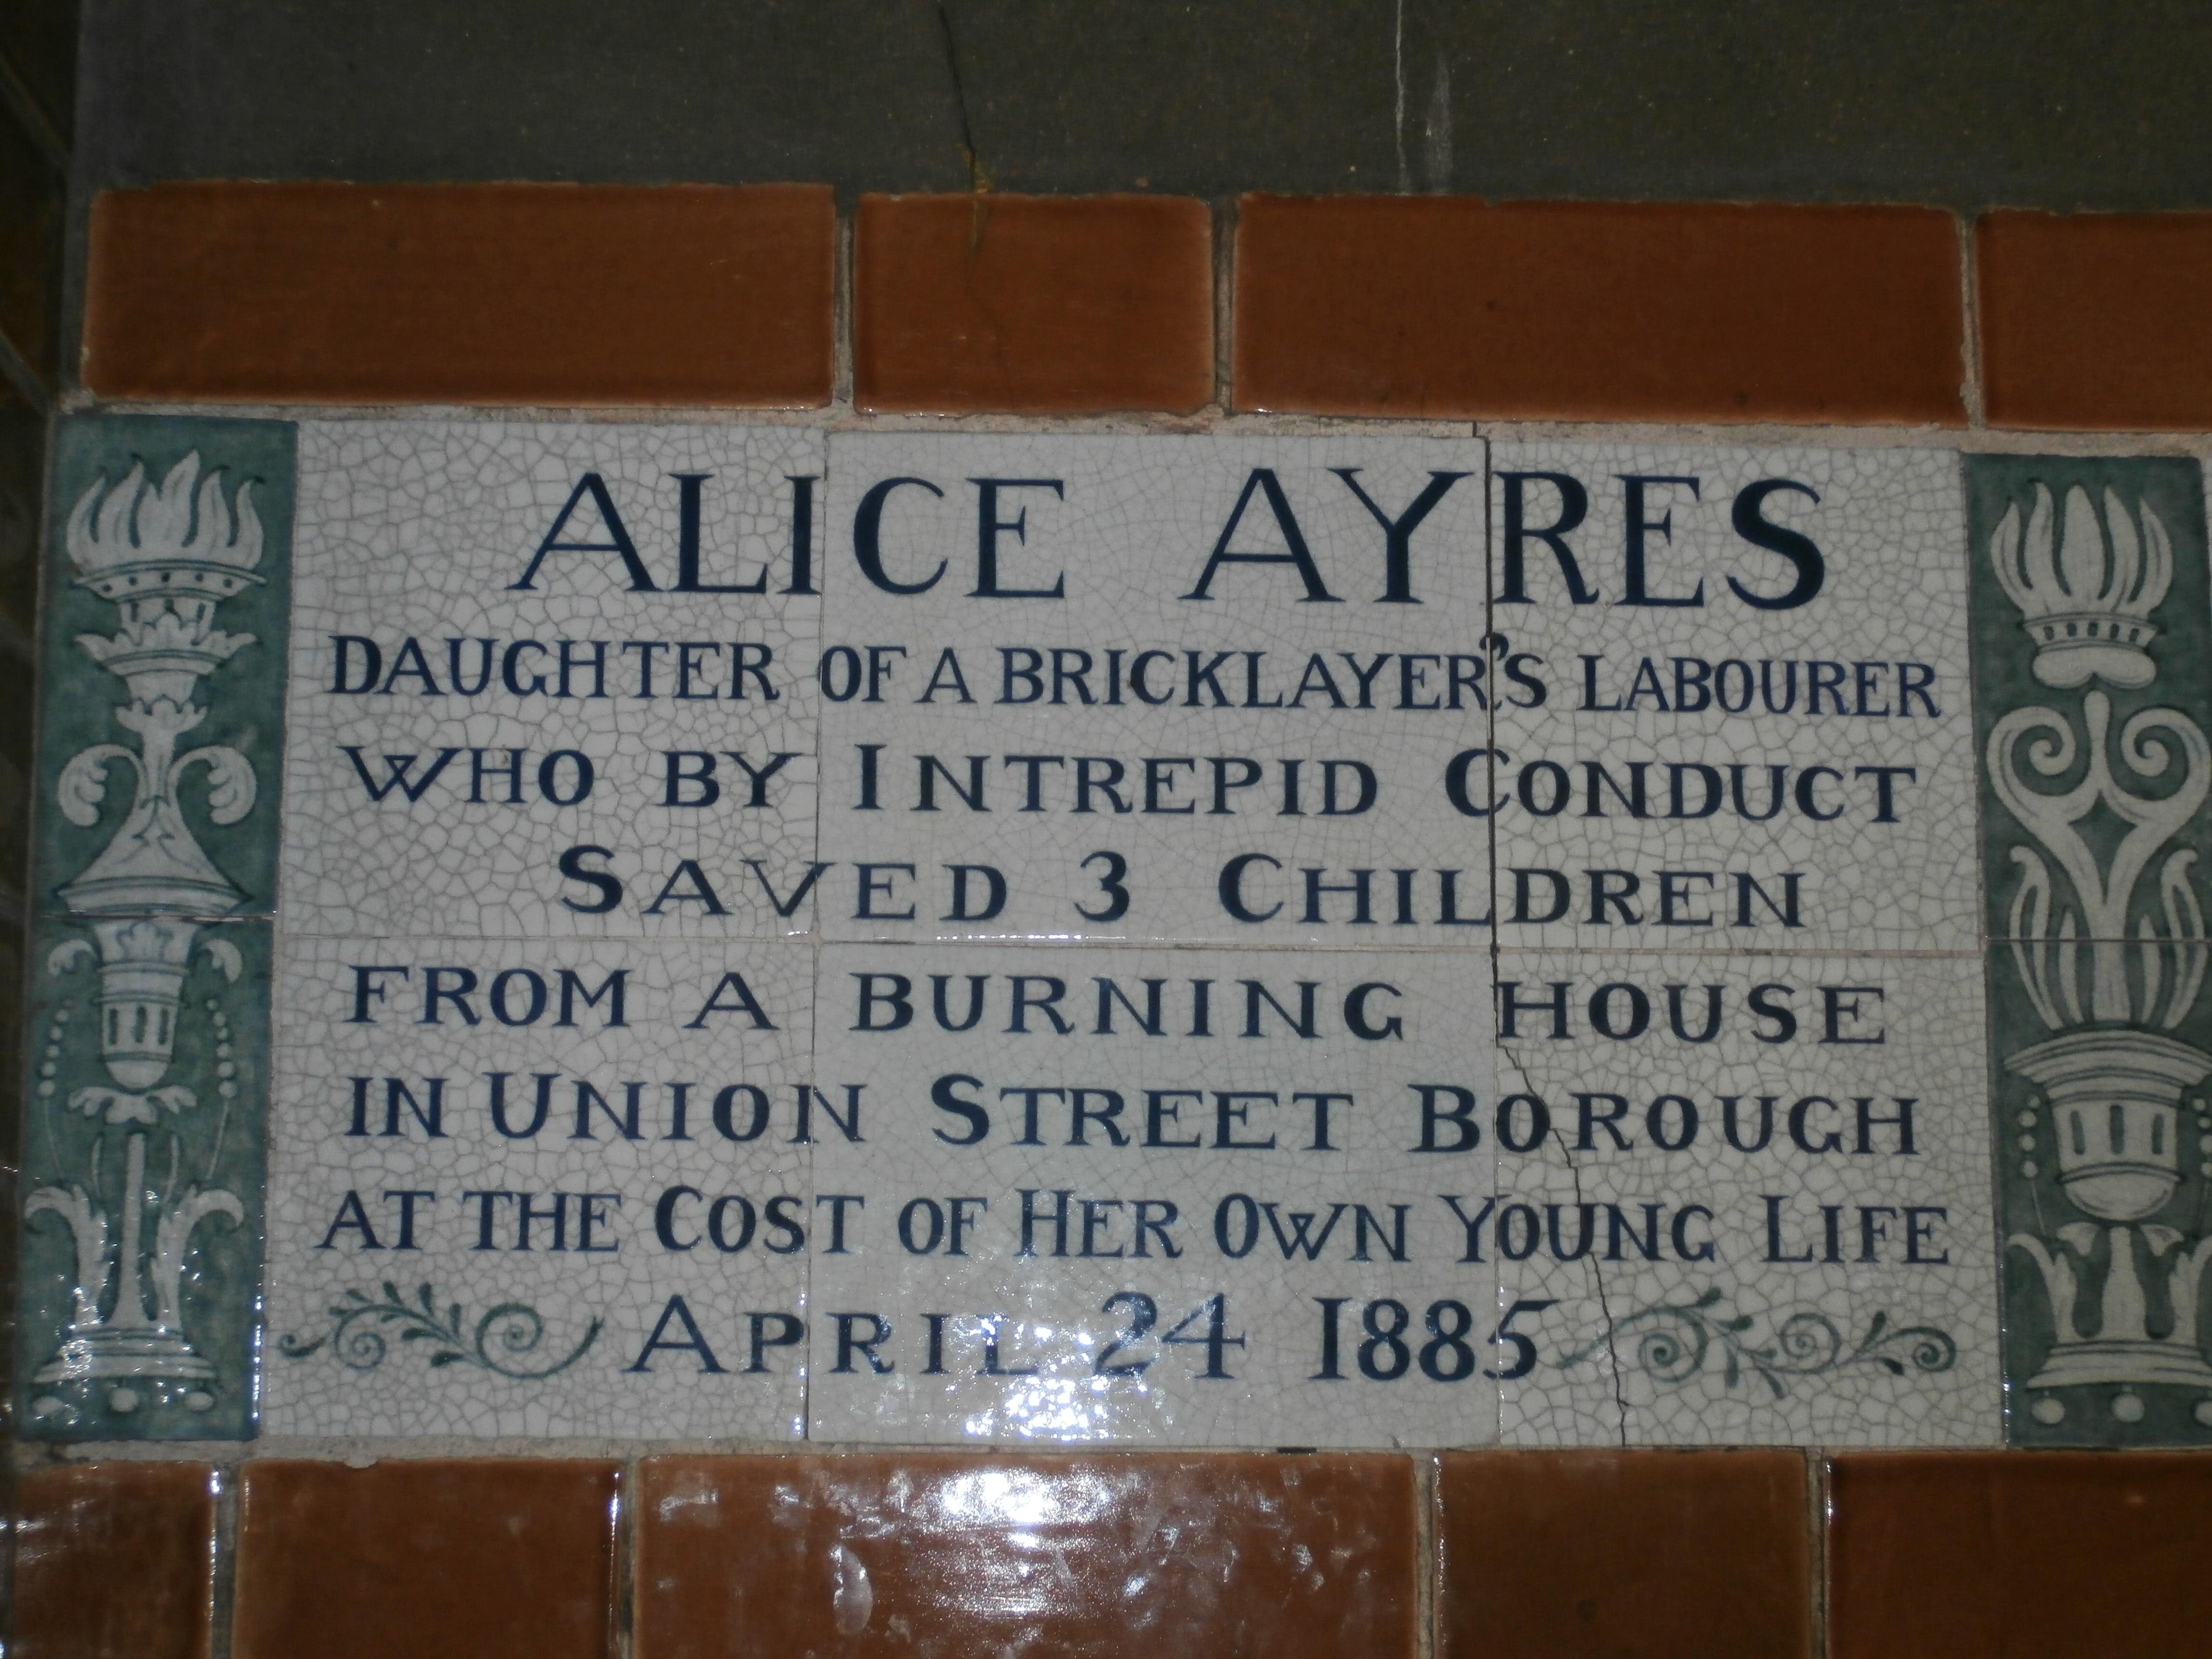 Alice Ayres